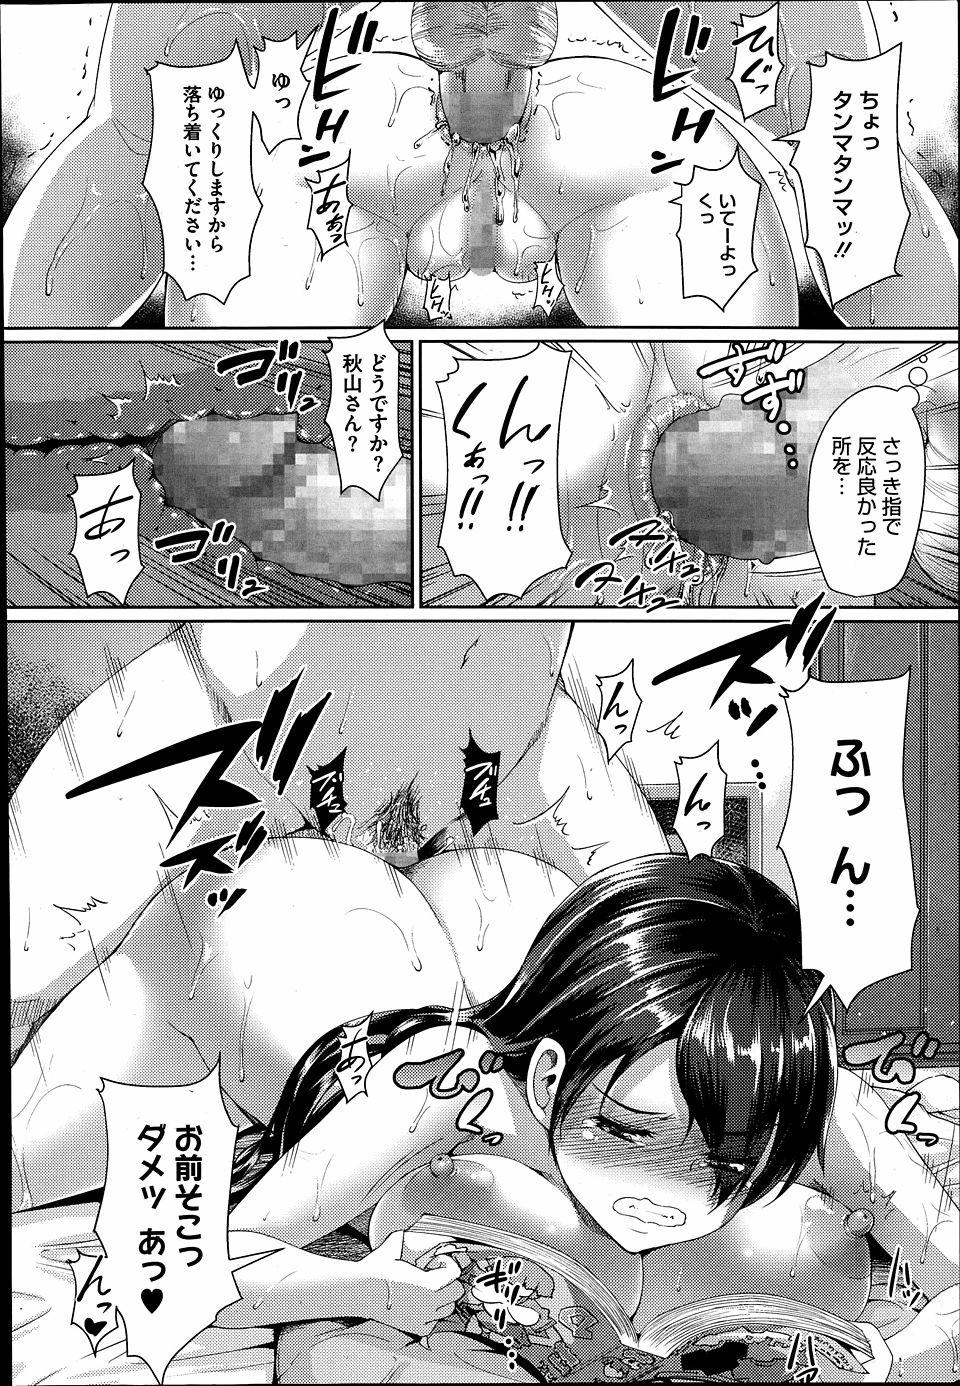 【エロ漫画・エロ同人誌】巨乳のヤンキー娘がエロ本でやってるアナルセックスに興味持っちゃったwww (16)